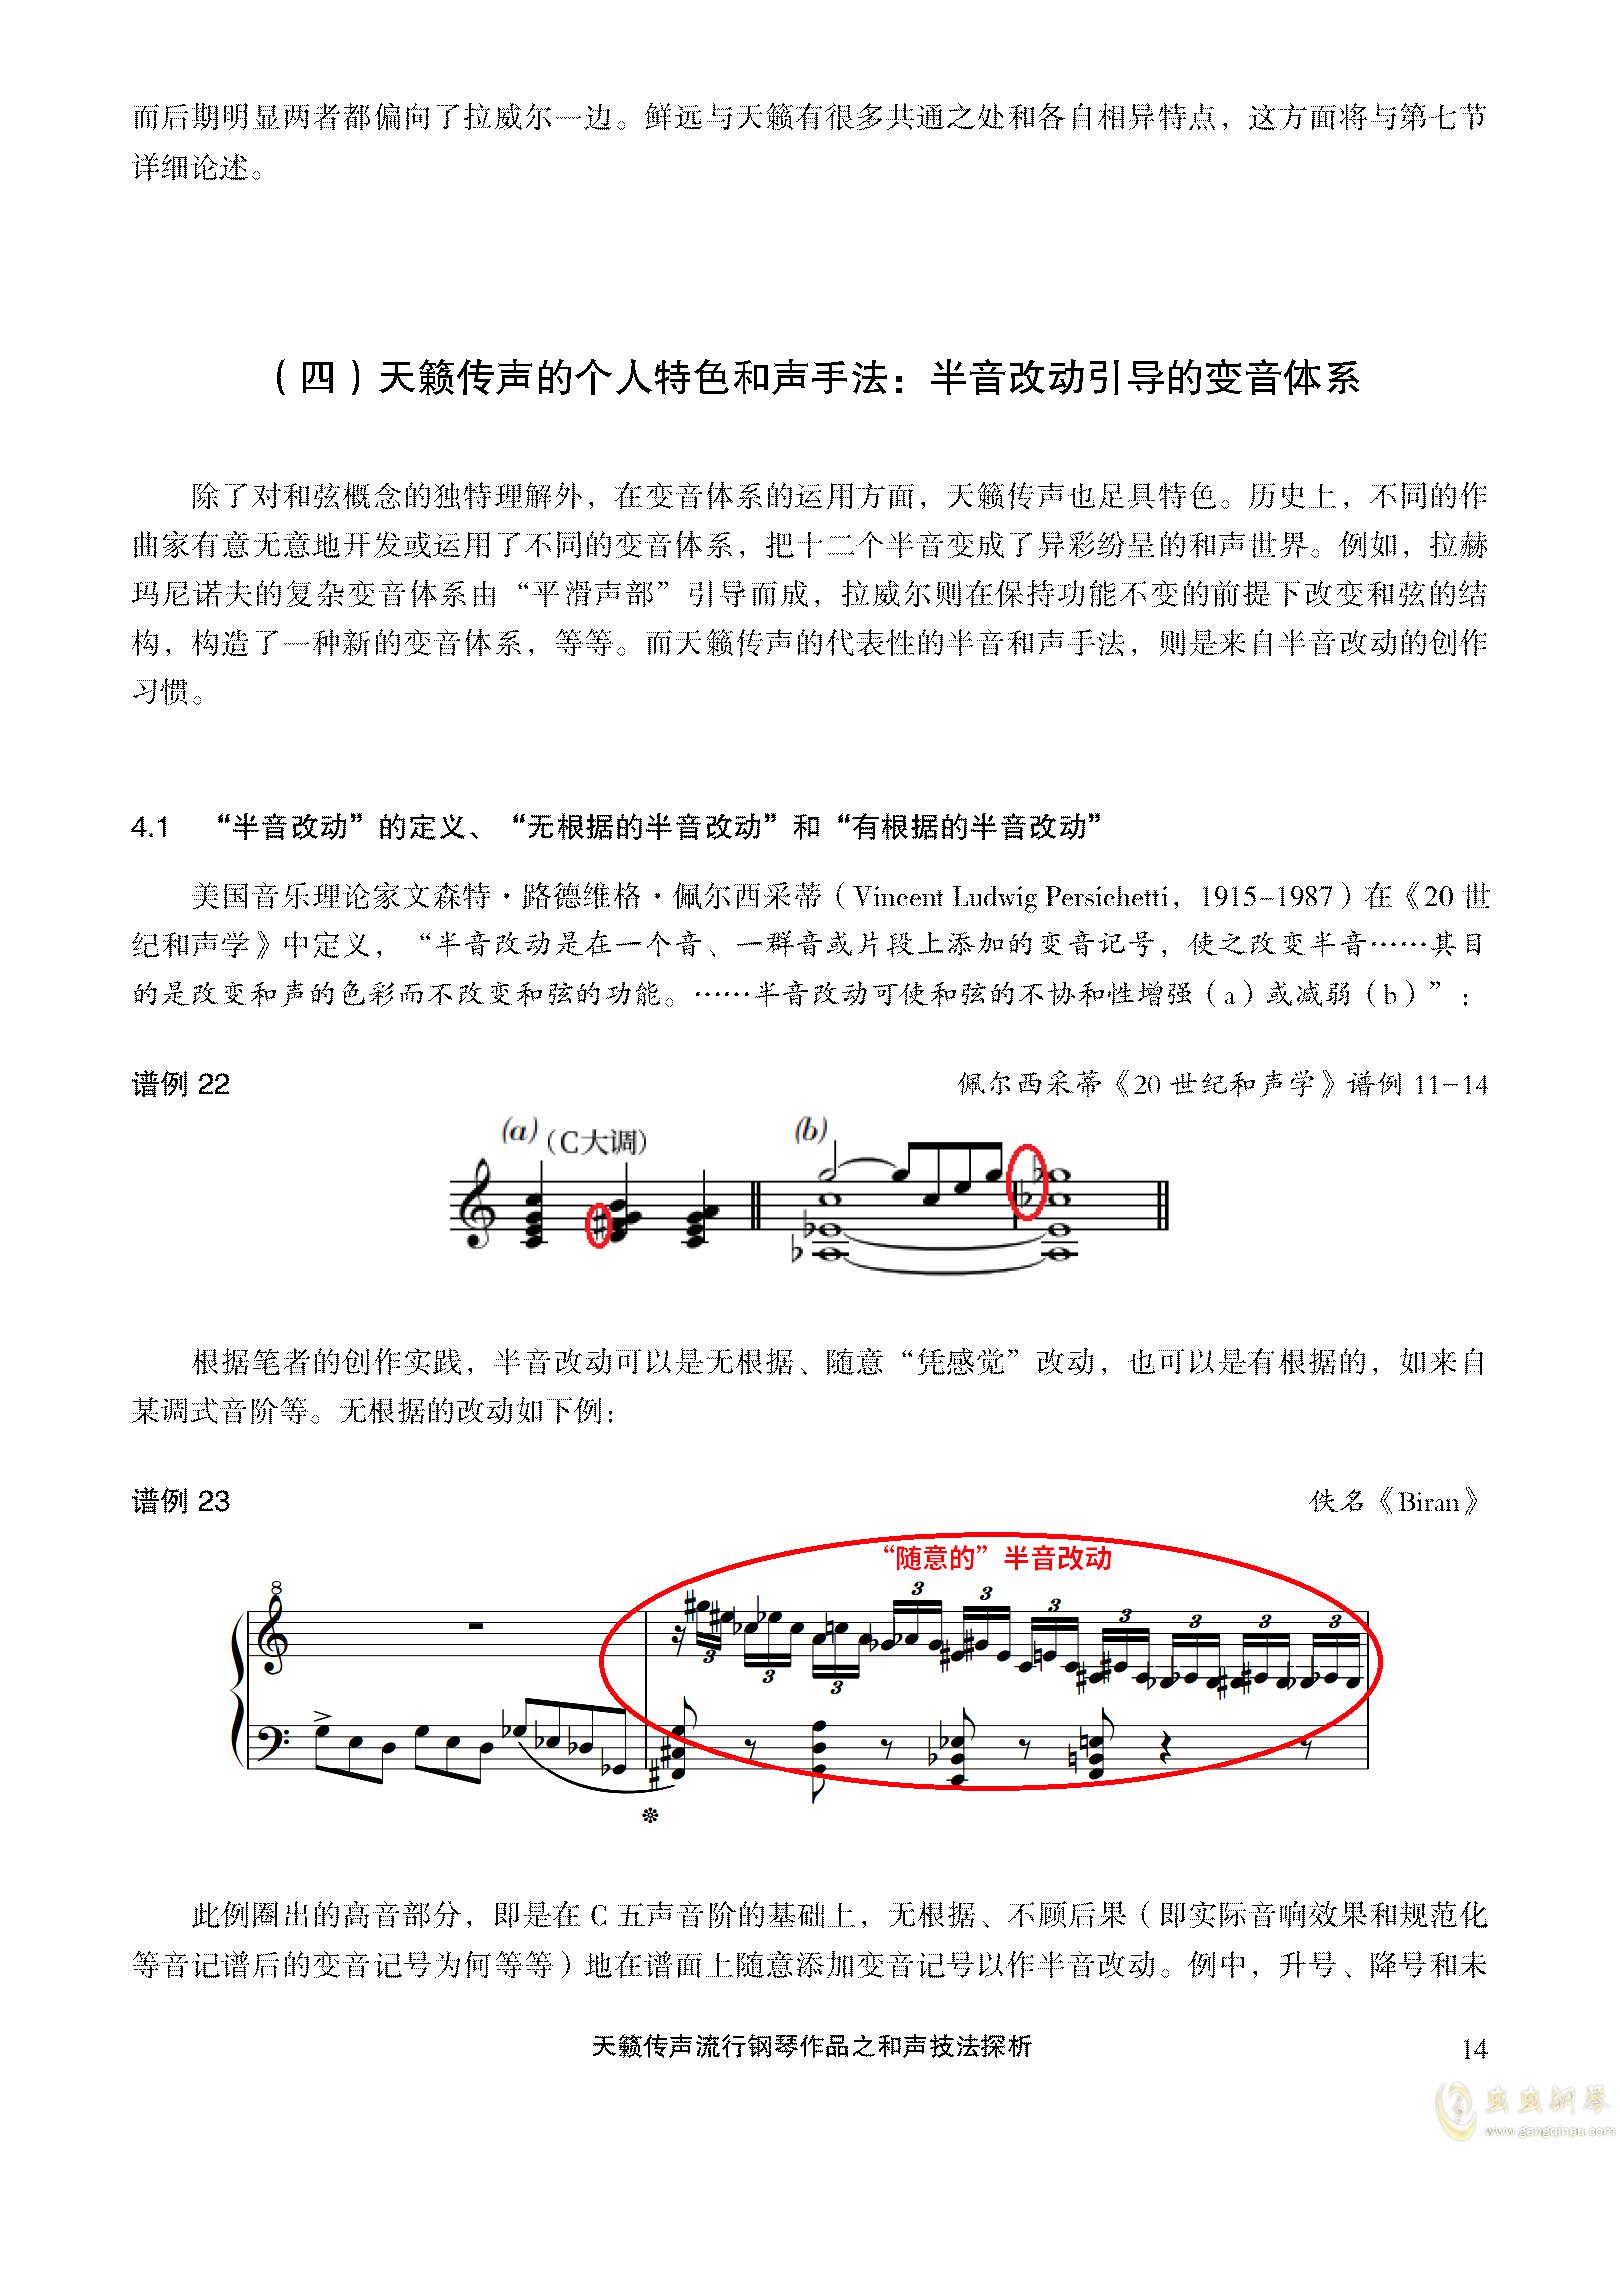 天籁传声和声技法探析澳门星际官网 第14页